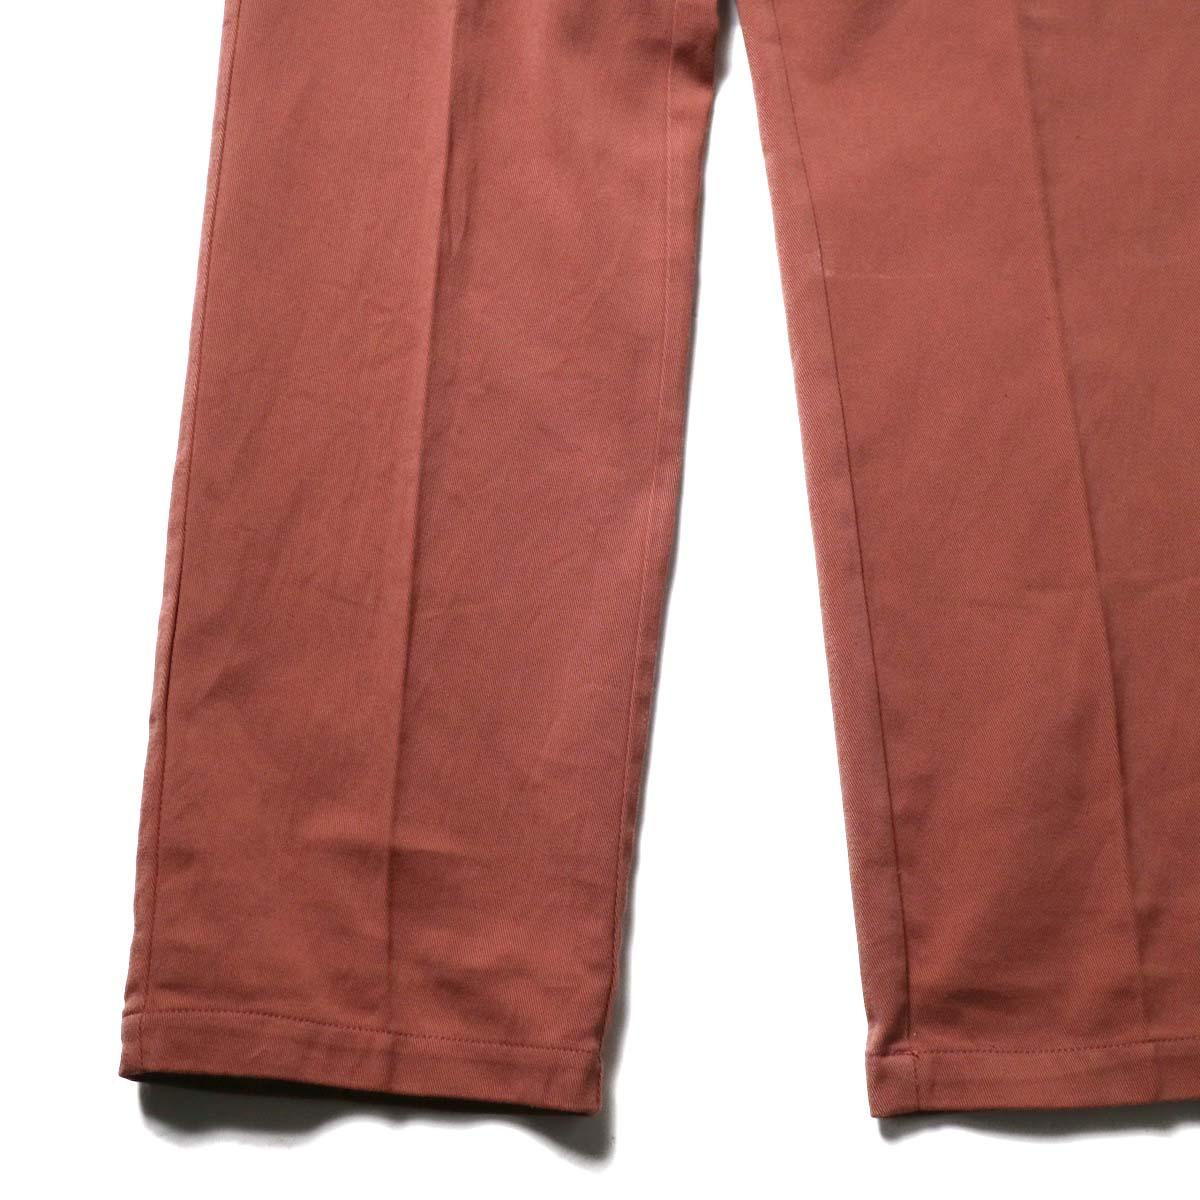 UNUSED × Dickies / UW0939 Cotton Linen Trousers (Orange) 裾